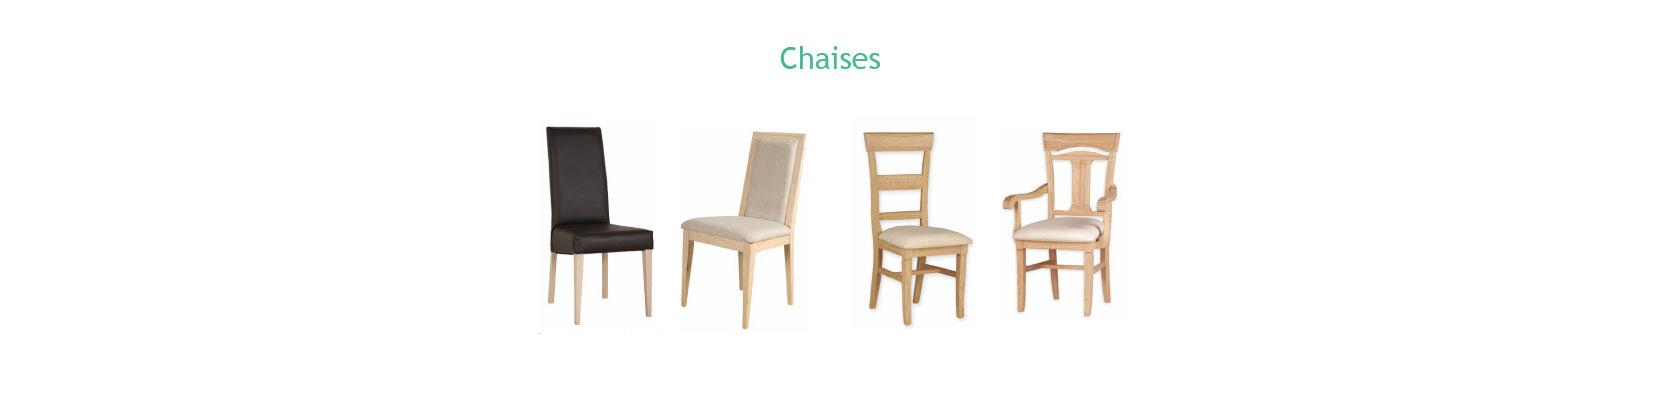 chaises-bois-brut